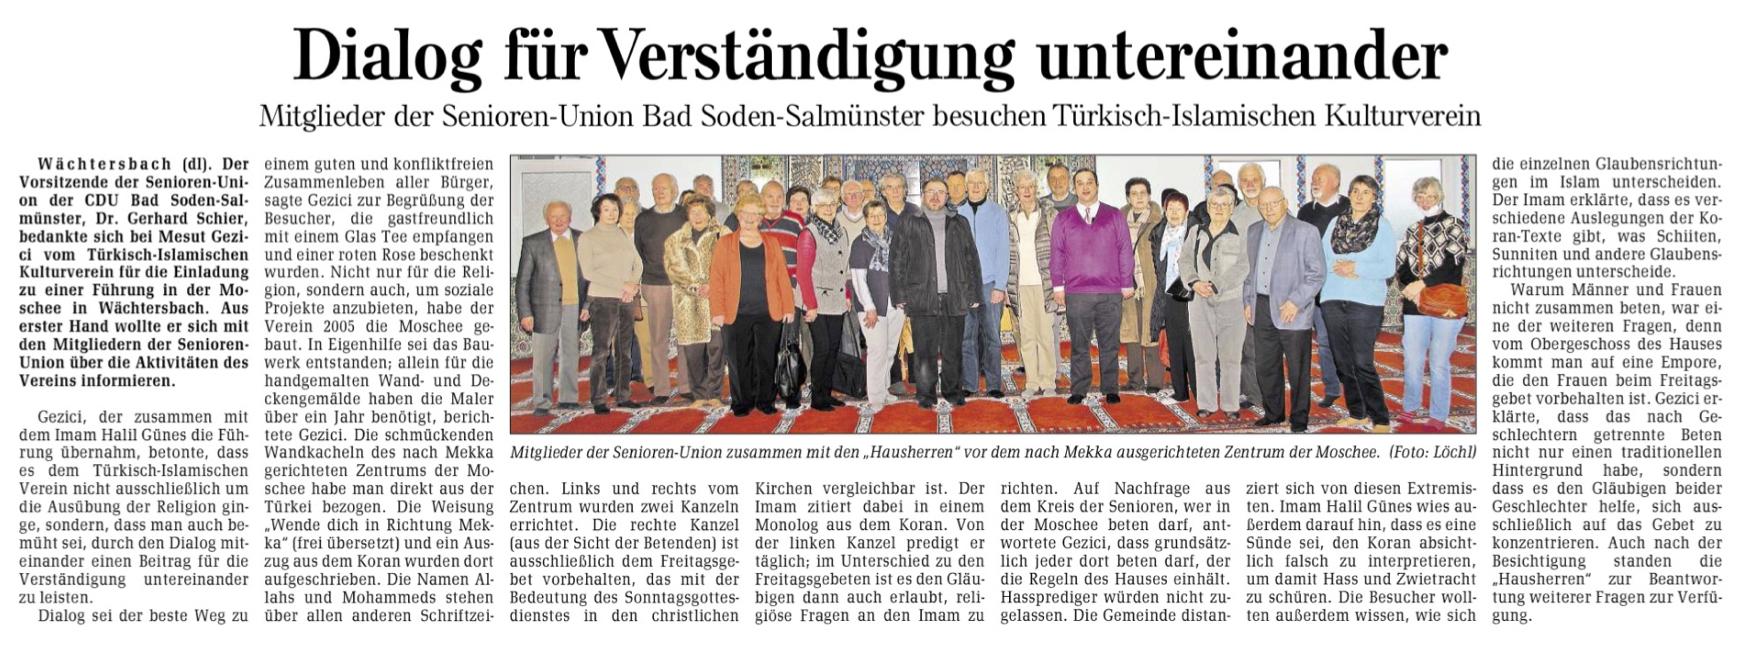 Bericht aus der Gelnhäuser Neuen Zeitung